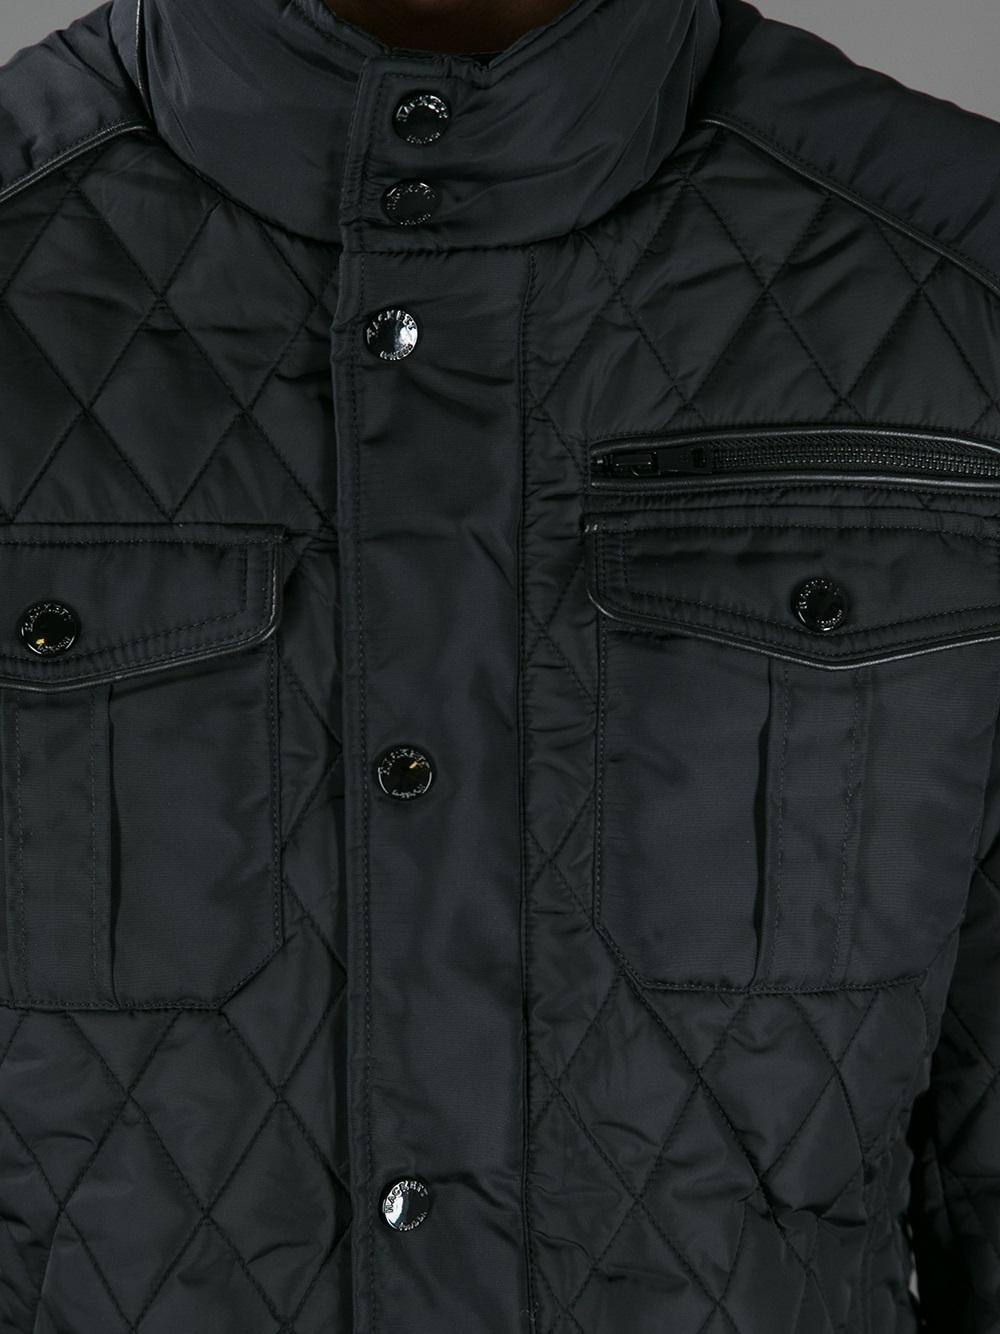 Hackett Aston Martin Racing Jacket in Black for Men | Lyst : quilted racing jacket - Adamdwight.com